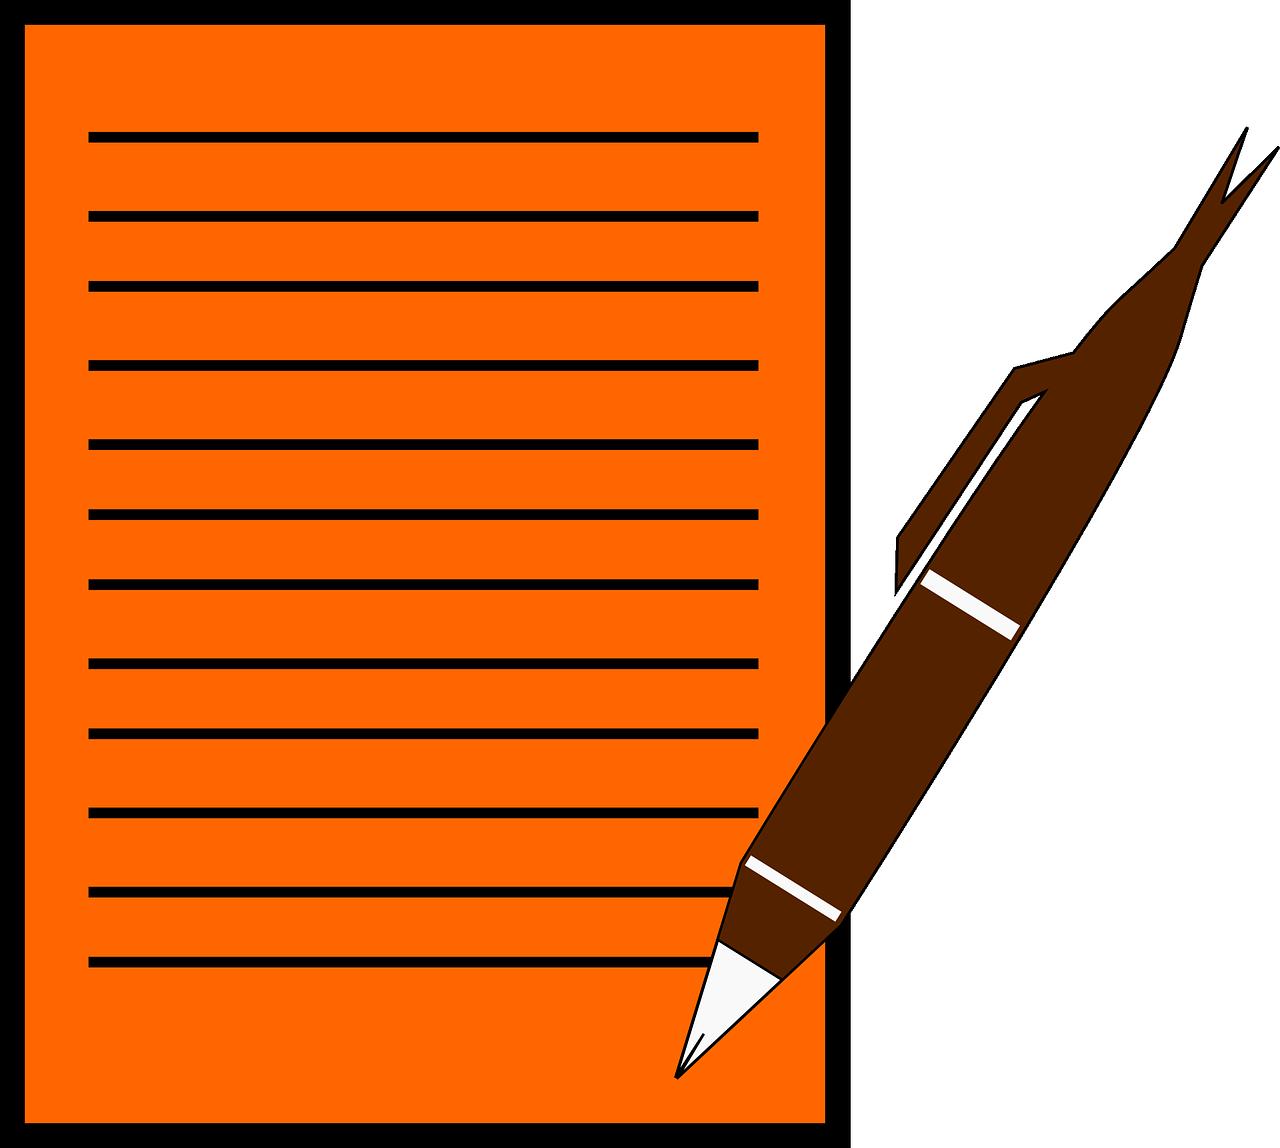 Блокаде, картинки для анимация на бумаге